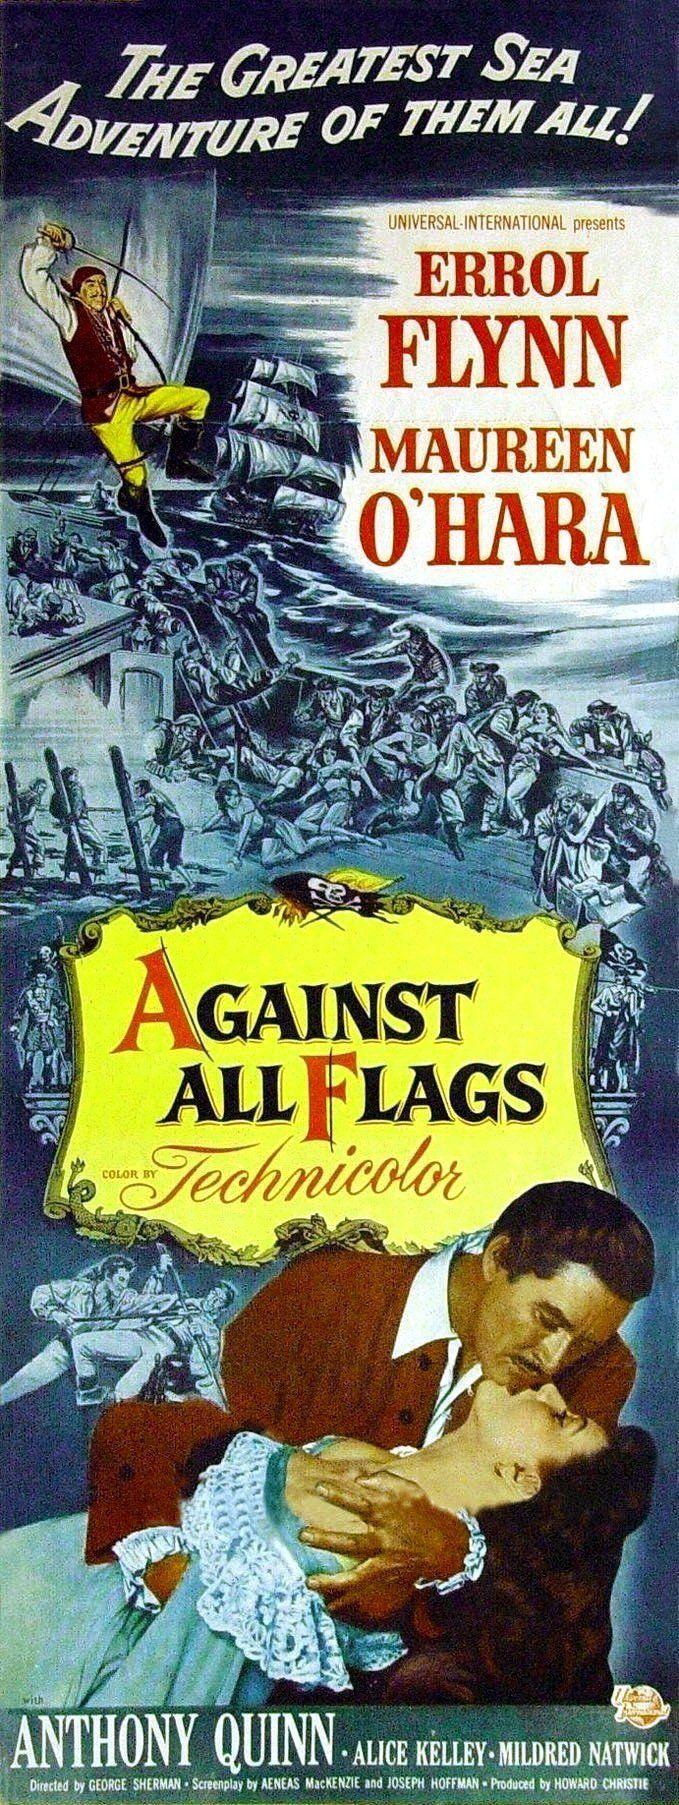 against all flags movie | Against All Flags (1952) • movies.film-cine.com